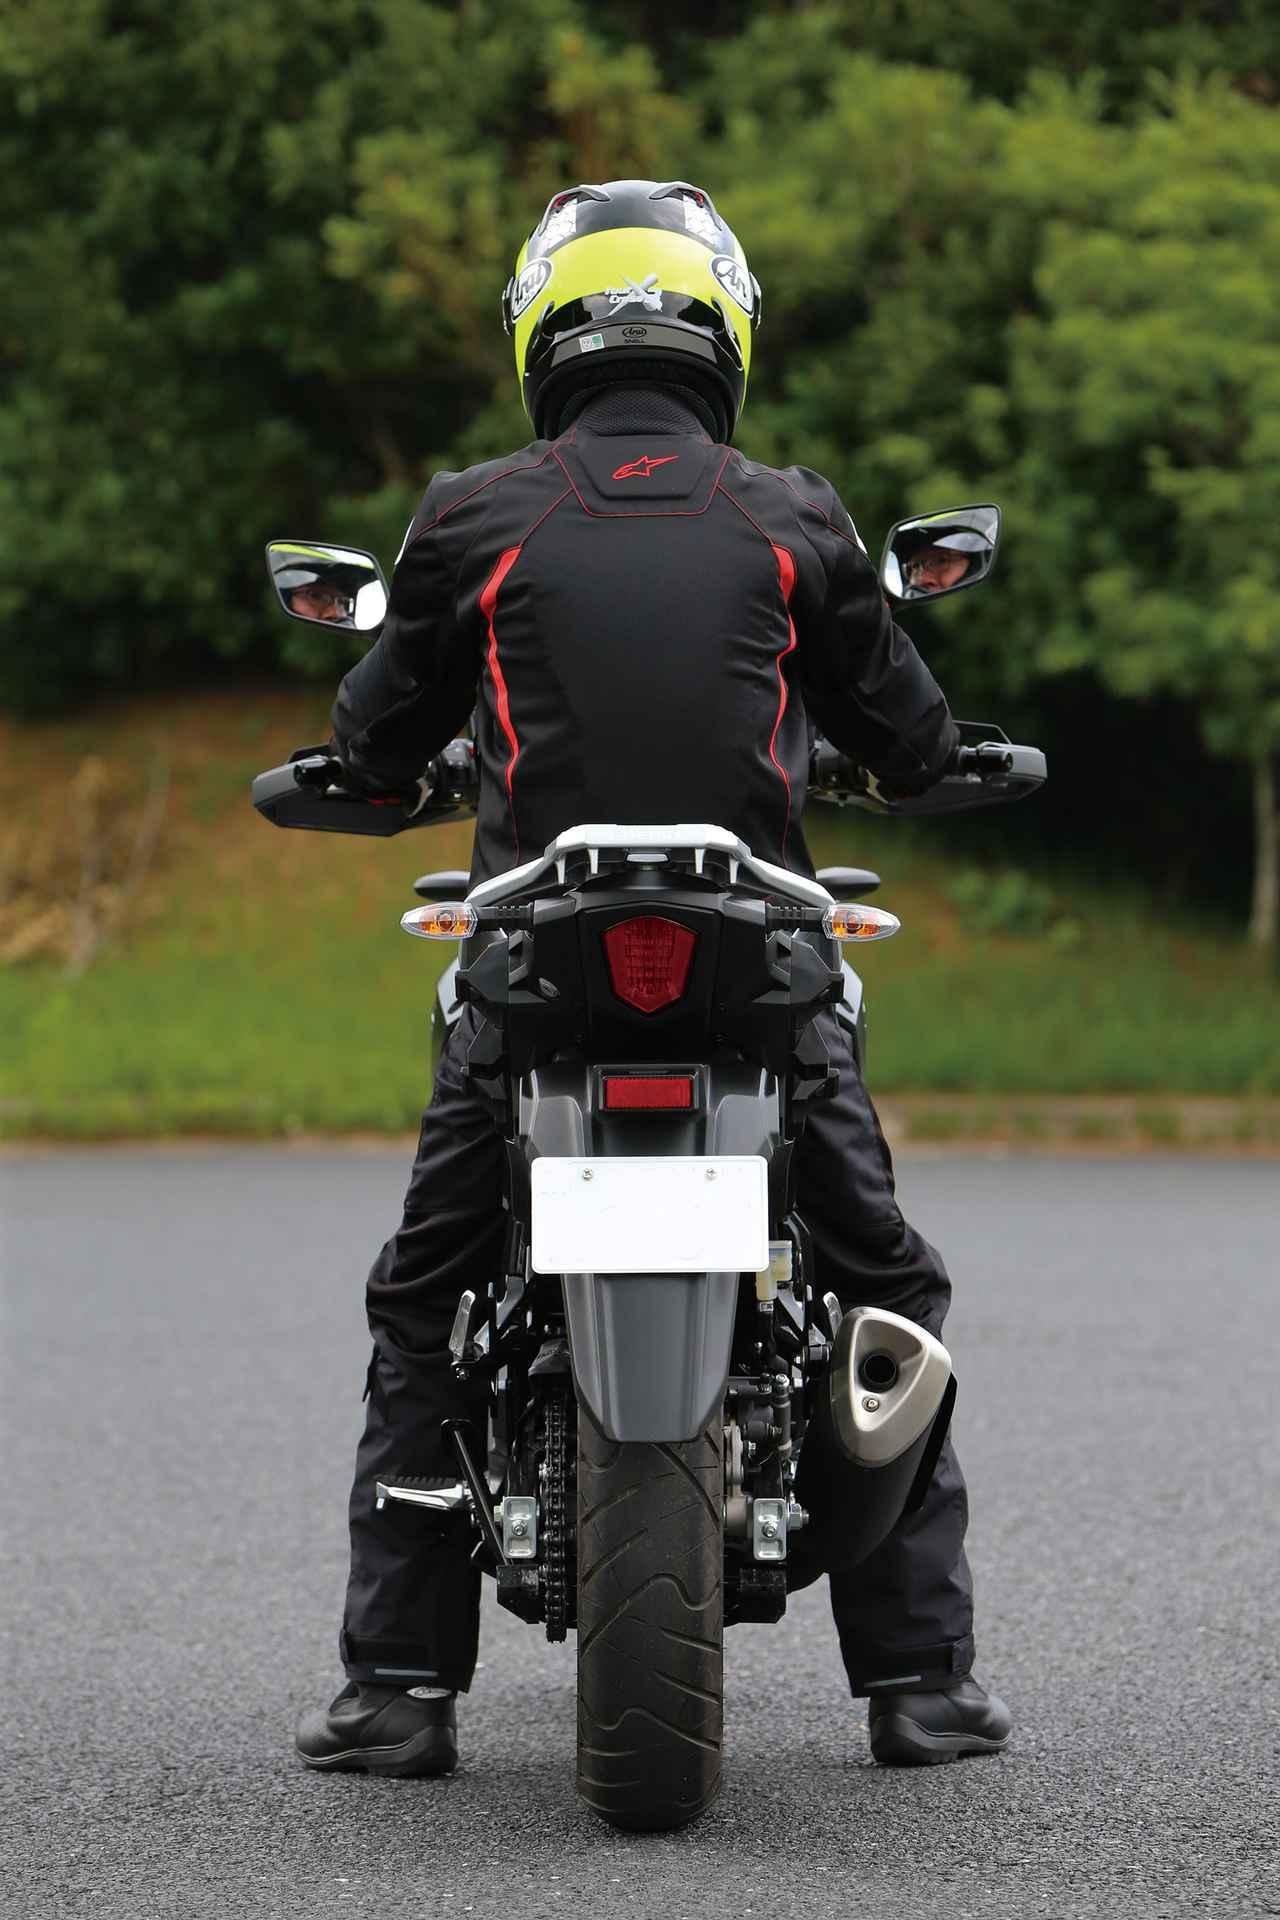 画像17: スズキ「Vストローム250」が大人気なワケとは? ベストセラー250ccアドベンチャーバイクの魅力を解説